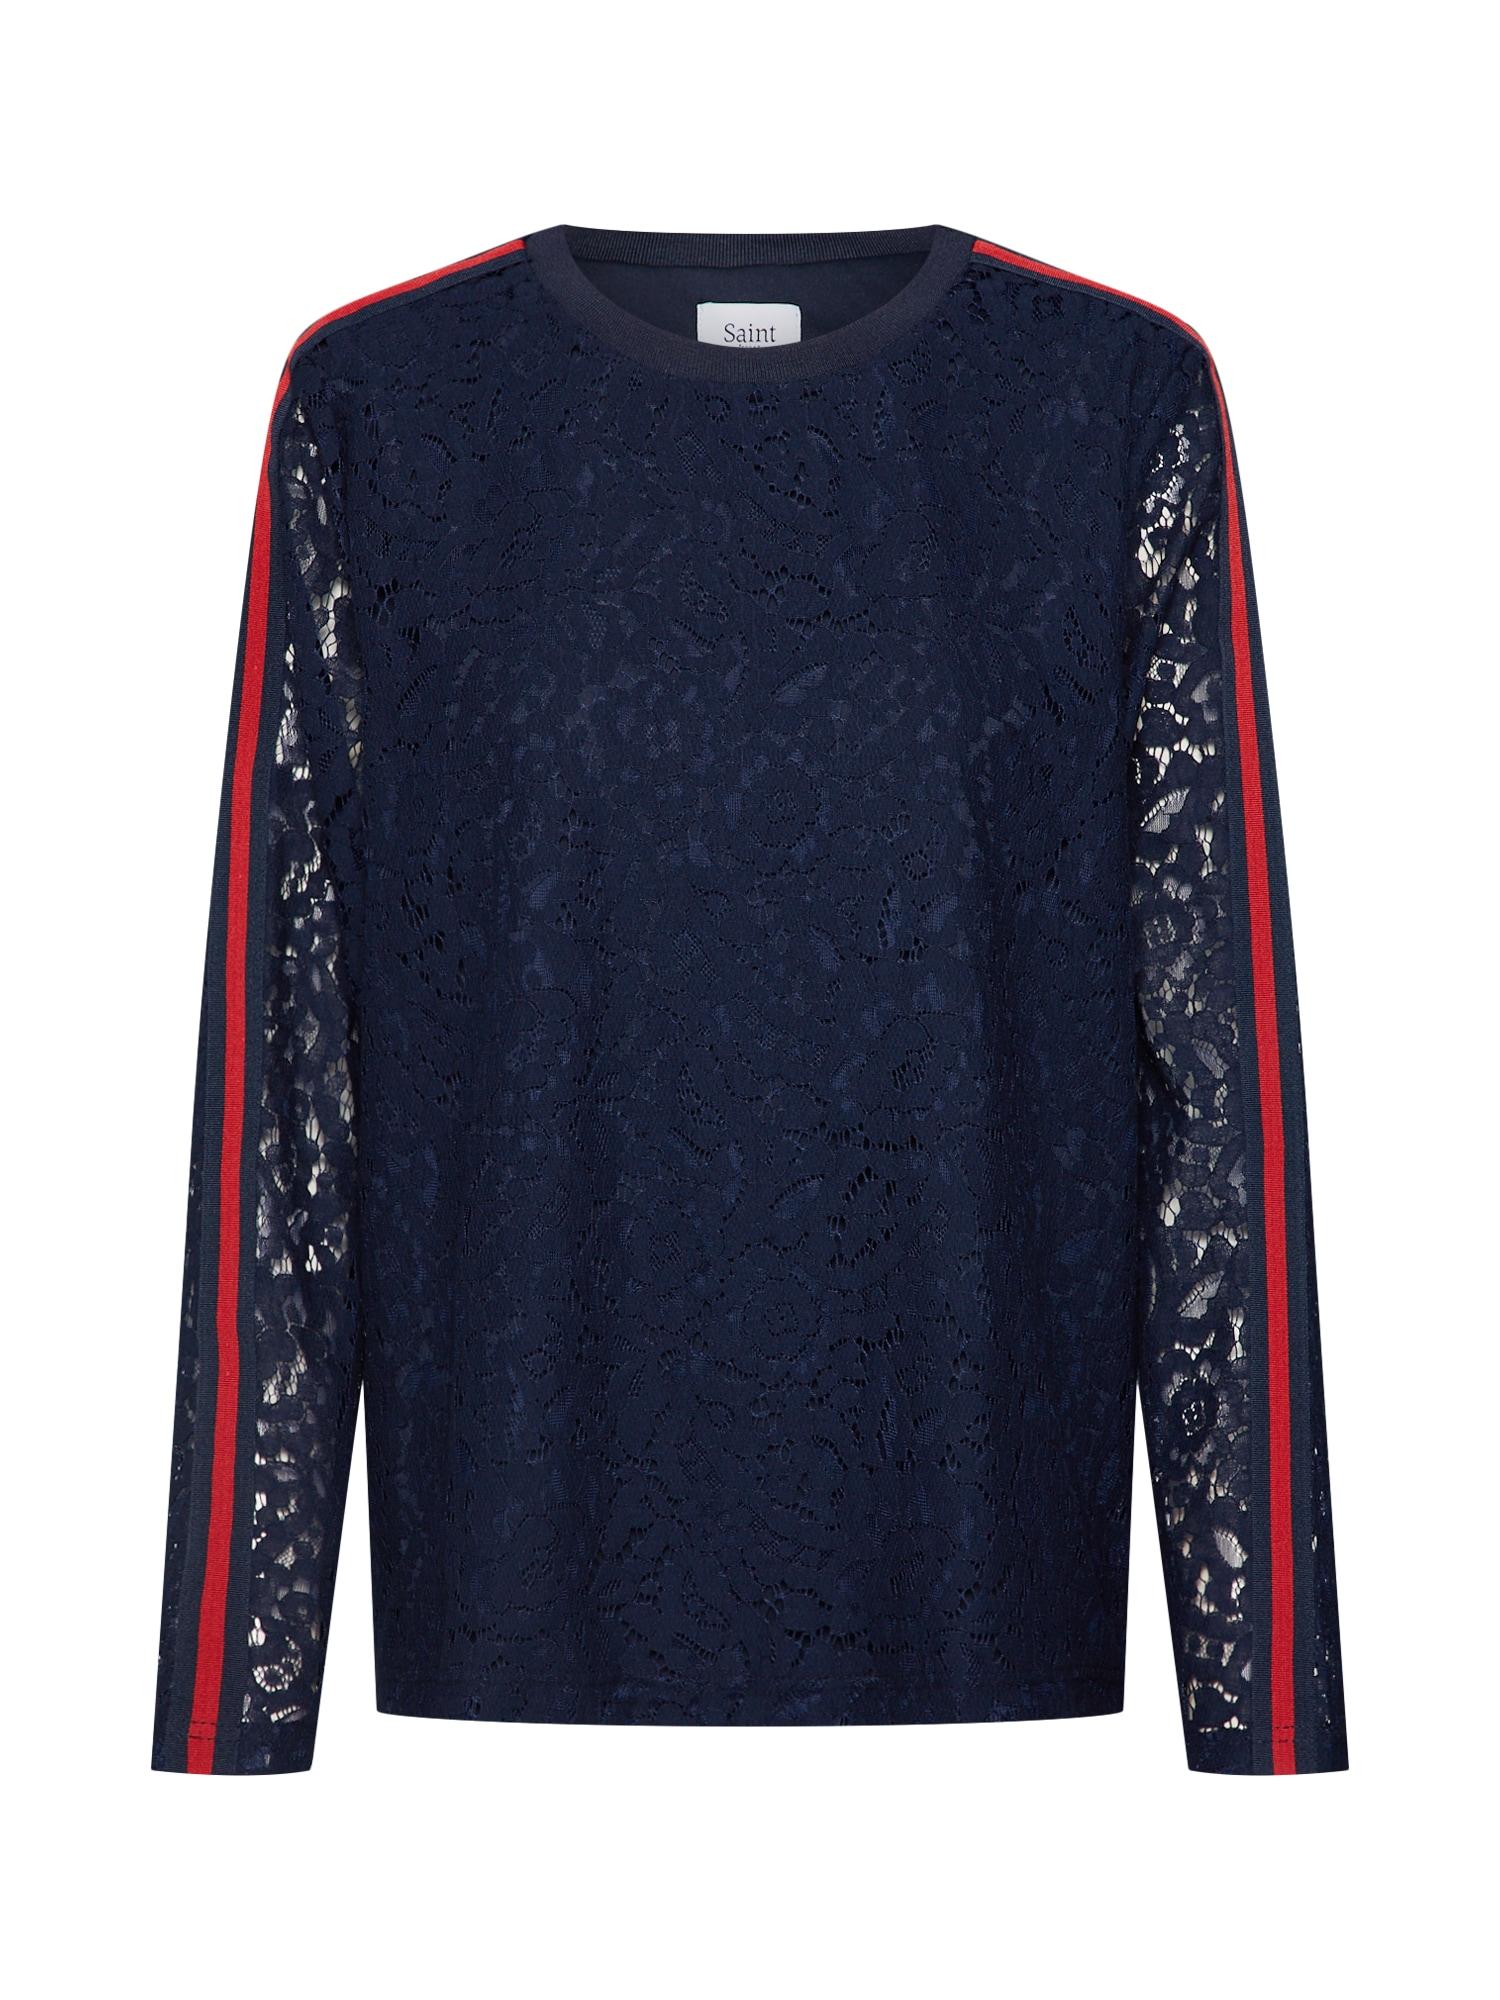 Tričko LACE BLOUSE námořnická modř červená SAINT TROPEZ